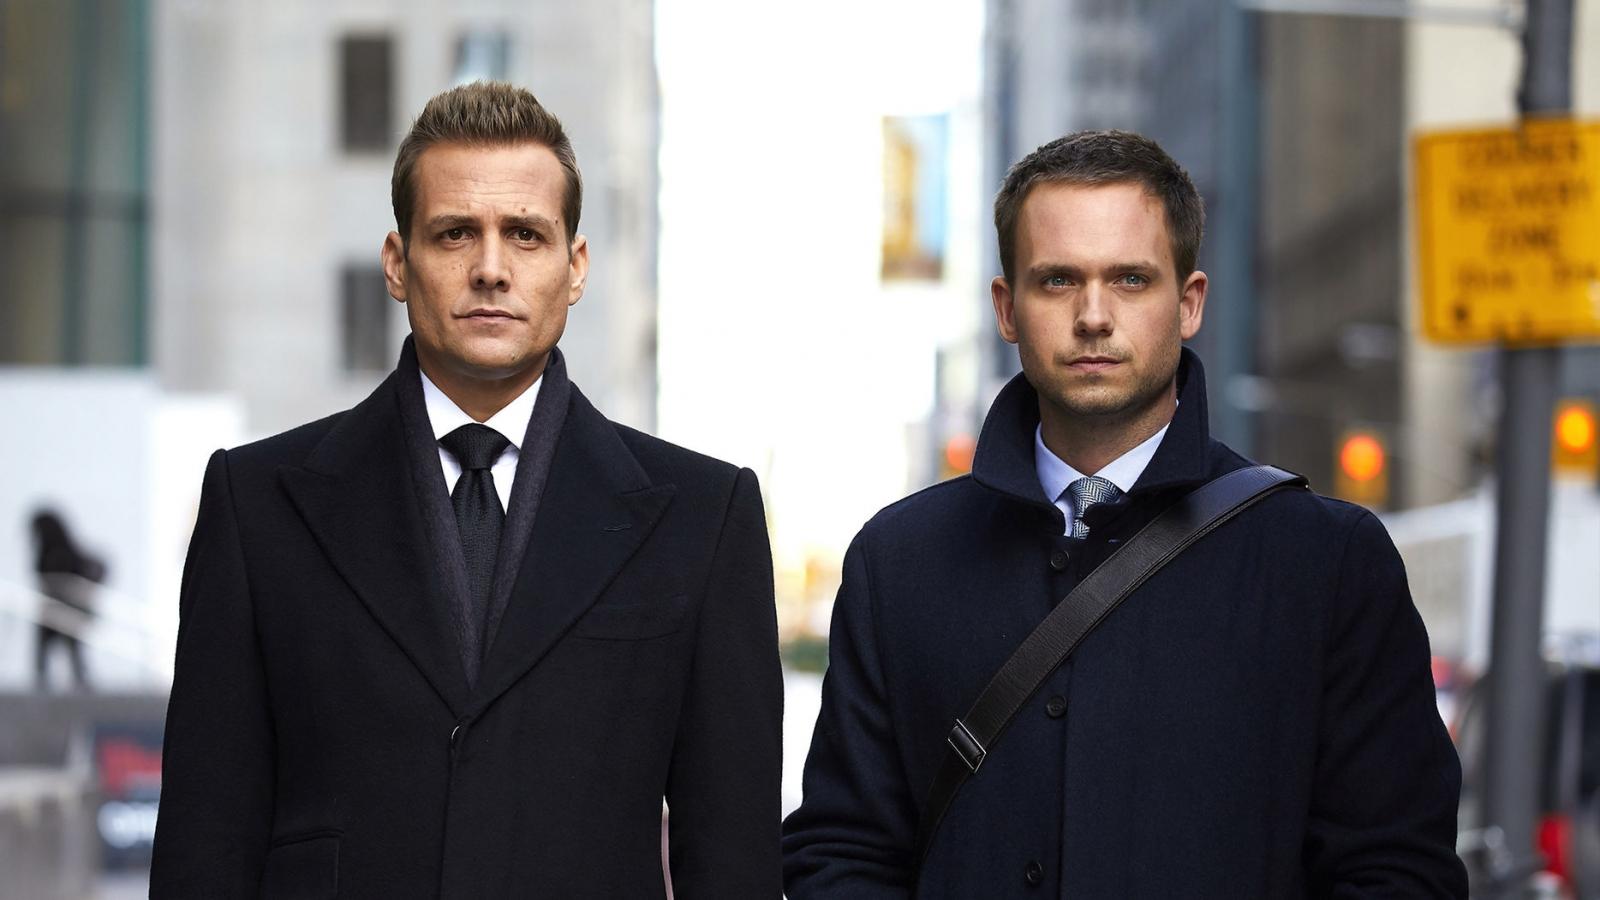 Suits season 6 finale